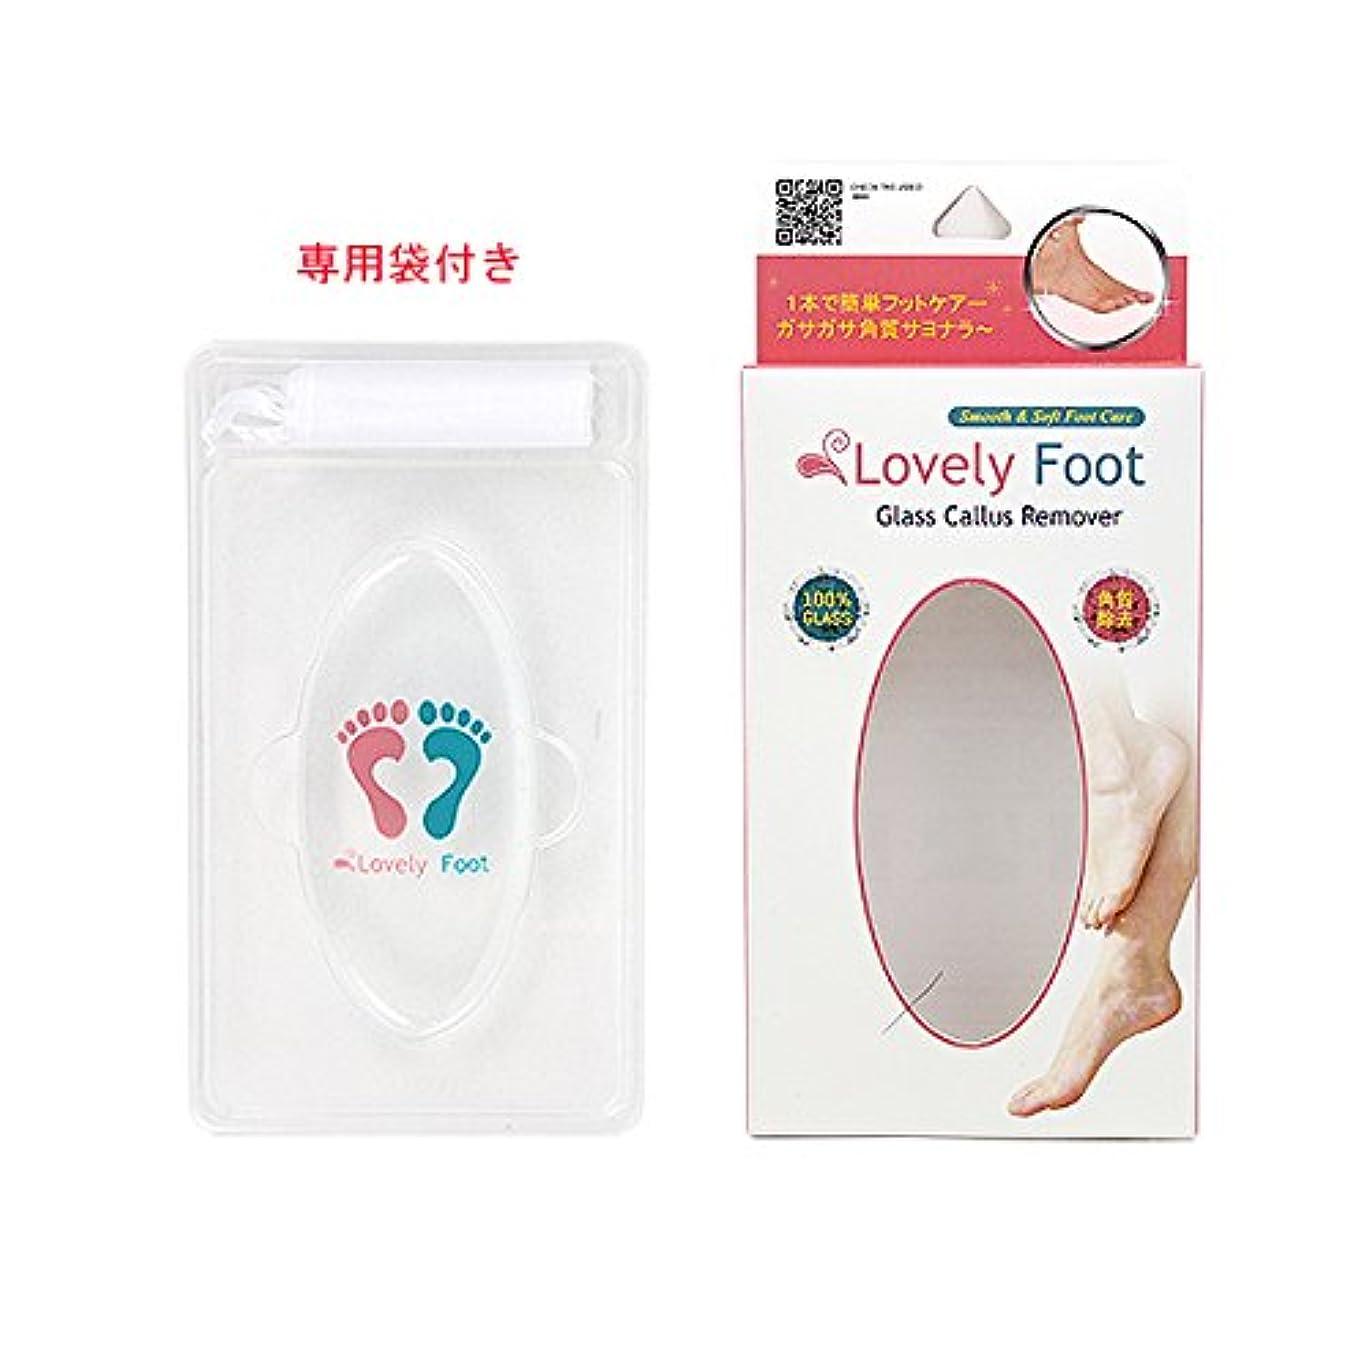 現象信条有用Lovely Foot Glass Callus Remover (ガラス角質取り)